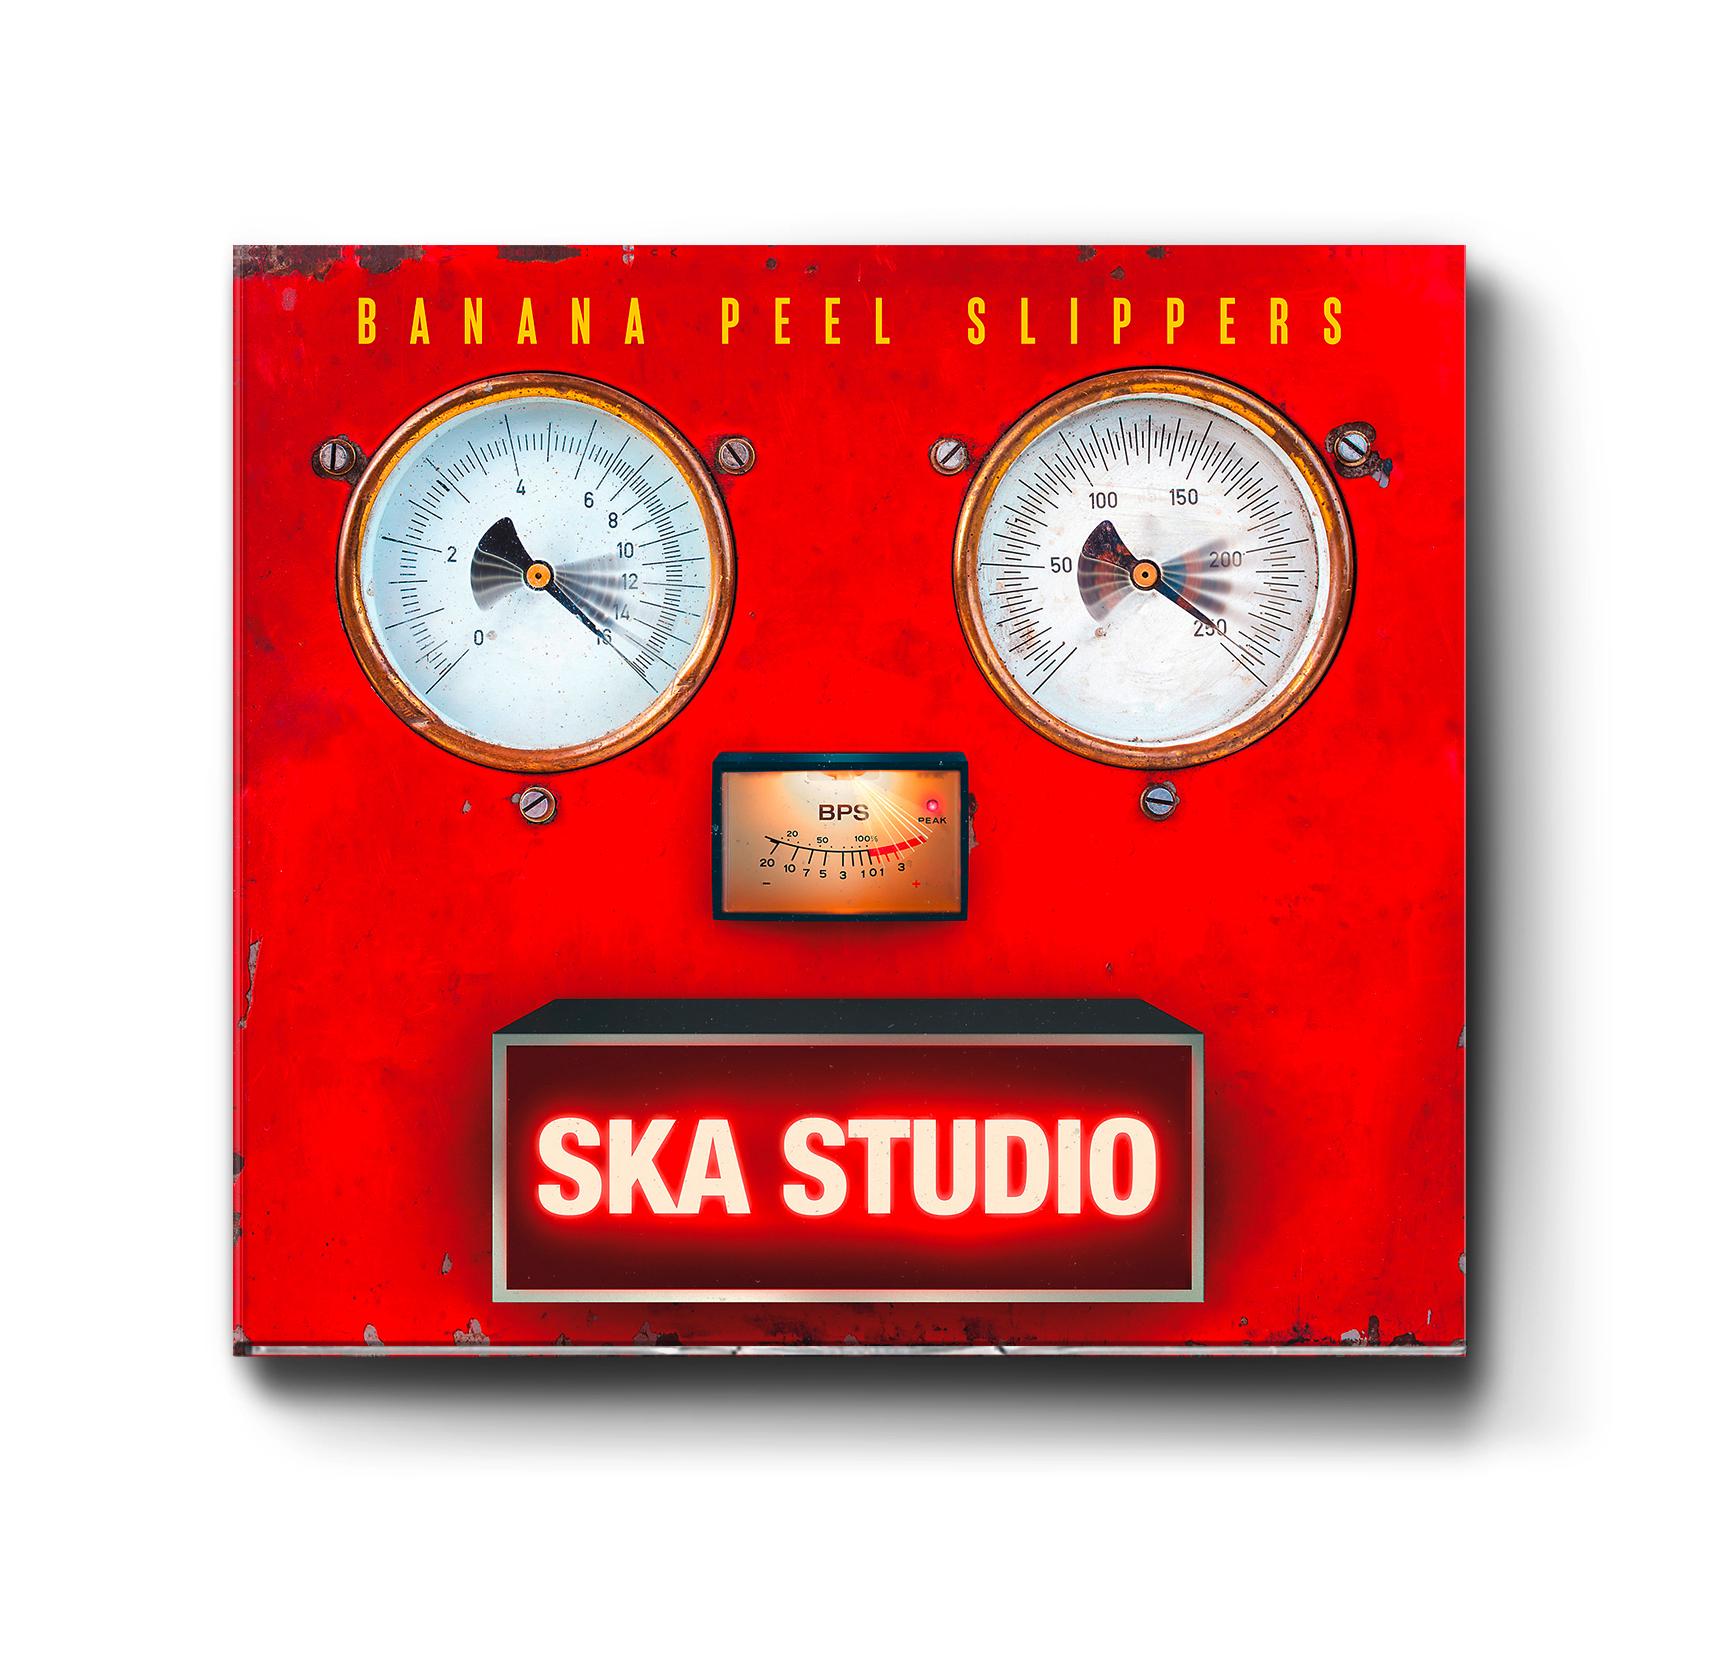 Banana Peel Slippers / SkaStudio